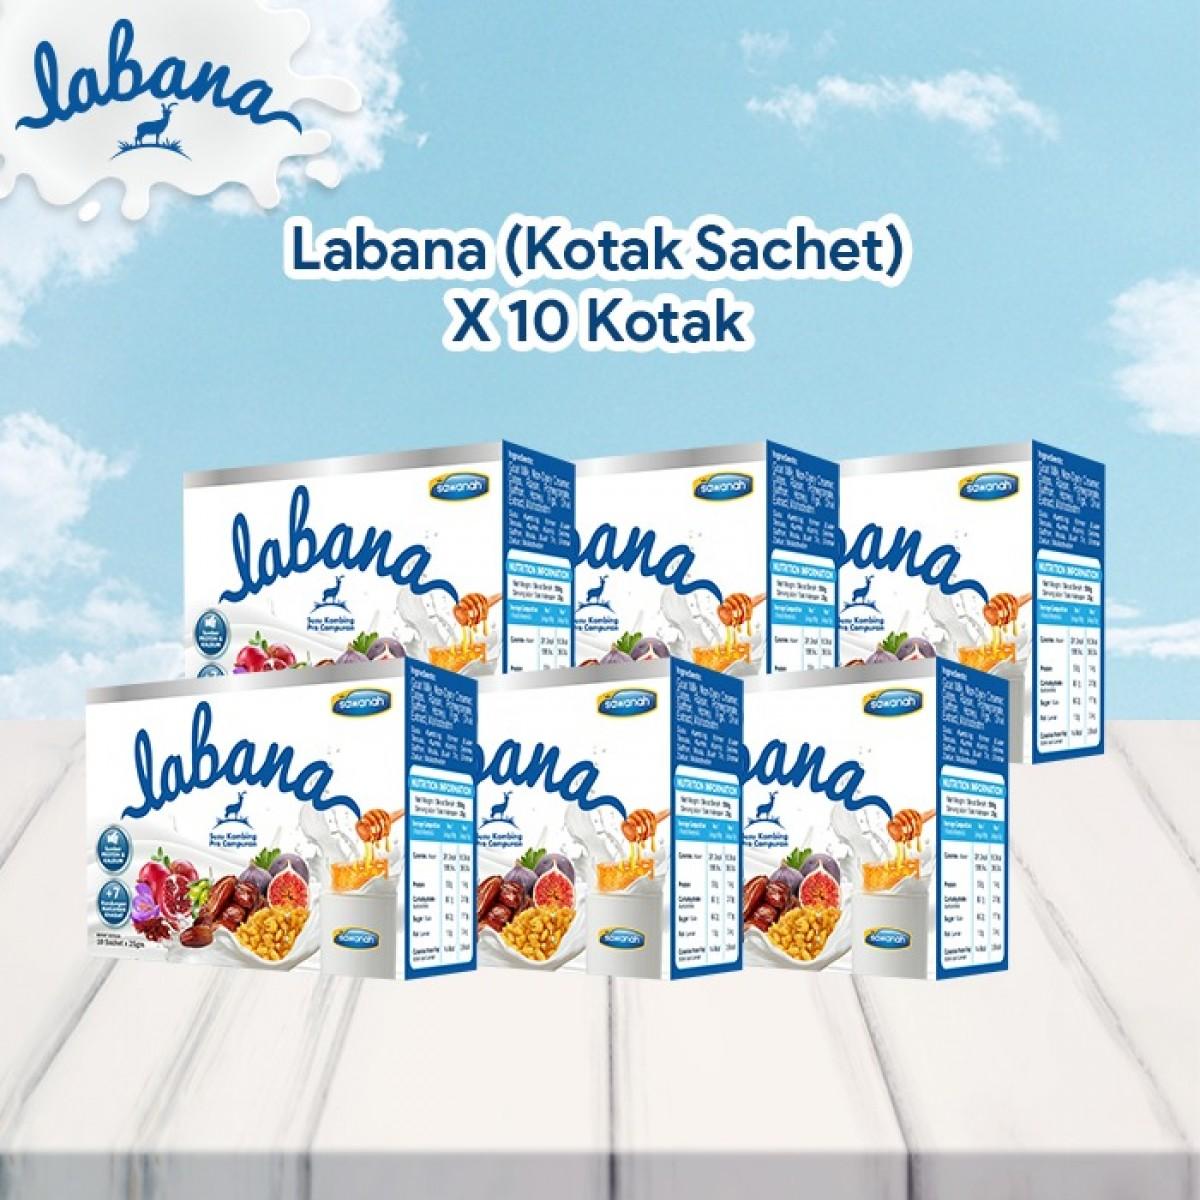 AGEN Labana Susu Kambing - Kotak Sachet (20 Pek) - Sawanah HQ